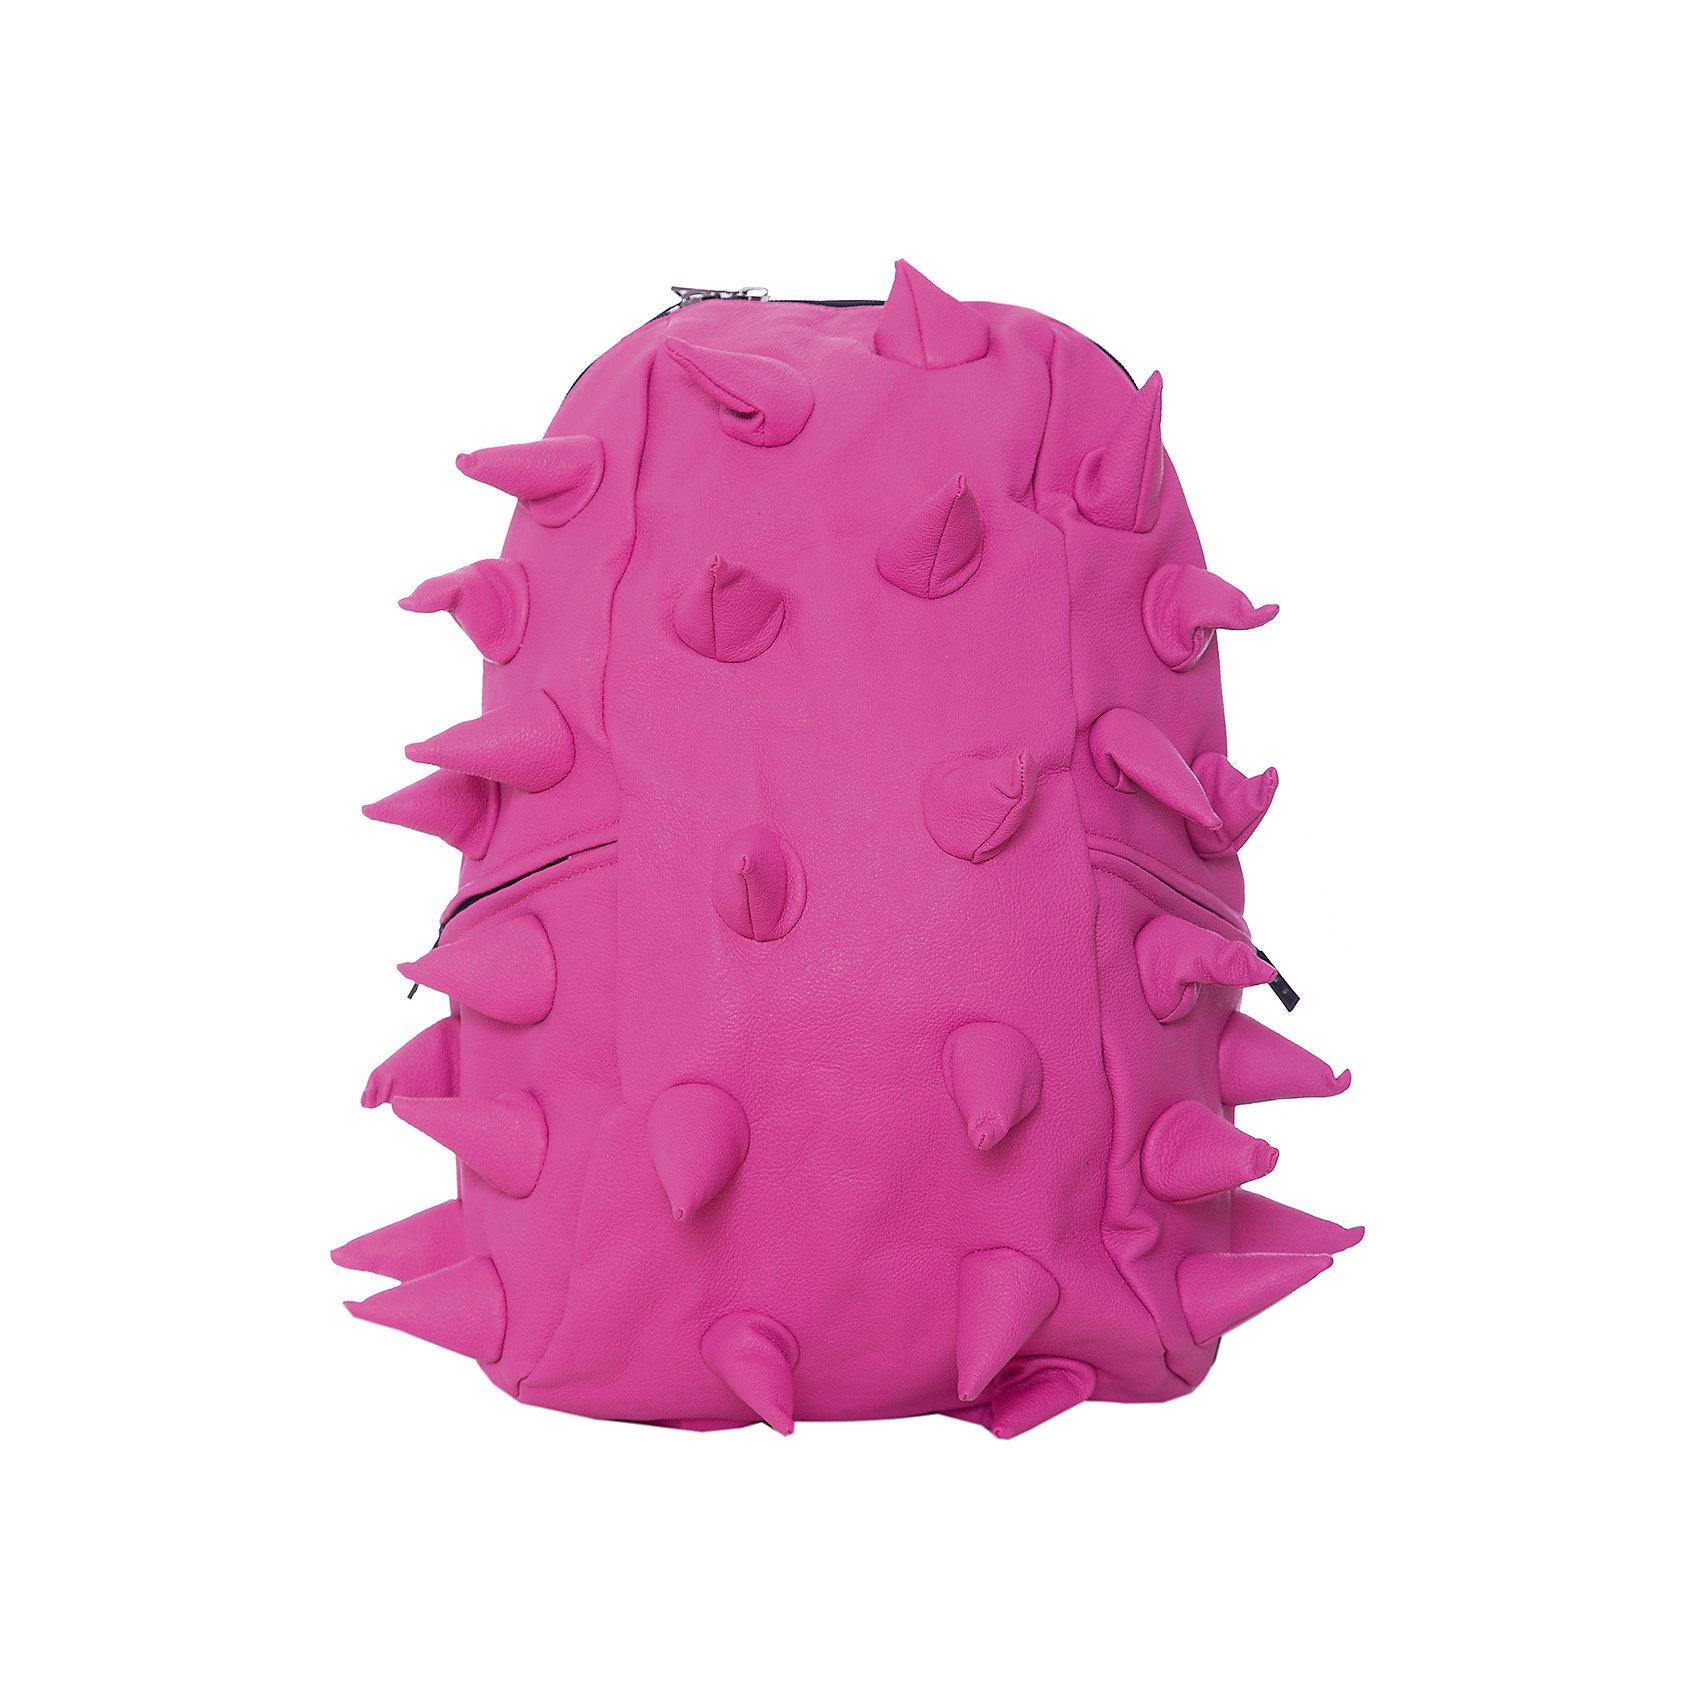 Рюкзак Rex Full, цвет Pink-A-Dot (розовый)Рюкзаки<br>Характеристики товара:<br><br>• цвет: Pink-A-Dot (розовый);<br>• возраст: от 5 лет;<br>• вес: 0,8 кг;<br>• размер: 46х35х20 см;<br>• особенности модели: с пузырями;<br>• основное отделение на молнии;<br>• дополнительный карман на задней стенке рюкзака;<br>• мягкие регулируемые по высоте лямки;<br>• спинка имеет ортопедическую форму;<br>• два дополнительных боковых кармана на молнии;<br>• материал: полиуретан;<br>• страна бренда: США;<br>• страна изготовитель: Китай.<br><br>Удобный рюкзак для детей Madpax «Rex Full» непременно понравится детям. Малый вес рюкзака позволяет ребенку носить с собой все необходимое для учебы, при этом не перегружая позвоночник. Стильный шипованный дизайн с имитацией кожи рептилий выделяют рюкзак Мэдпакс Рекс Фулл среди аналогичных моделей. <br><br>Удобное расположение дополнительных кармашков позволяет ребенку с легкостью доставать необходимые ему вещи. Специальная спинка рюкзака Рекс Фулл обеспечивает постоянную вентиляцию спины. Мягкие ремни регулируются в зависимости от роста ребенка. Рюкзак «Rex Full» – это стильная и удобная модель, которая предназначена для ежедневного ношения. <br><br>Рюкзак Madpax «Rex Full» можно купить в нашем интернет-магазине.<br><br>Ширина мм: 460<br>Глубина мм: 350<br>Высота мм: 200<br>Вес г: 800<br>Возраст от месяцев: 60<br>Возраст до месяцев: 720<br>Пол: Унисекс<br>Возраст: Детский<br>SKU: 7054093